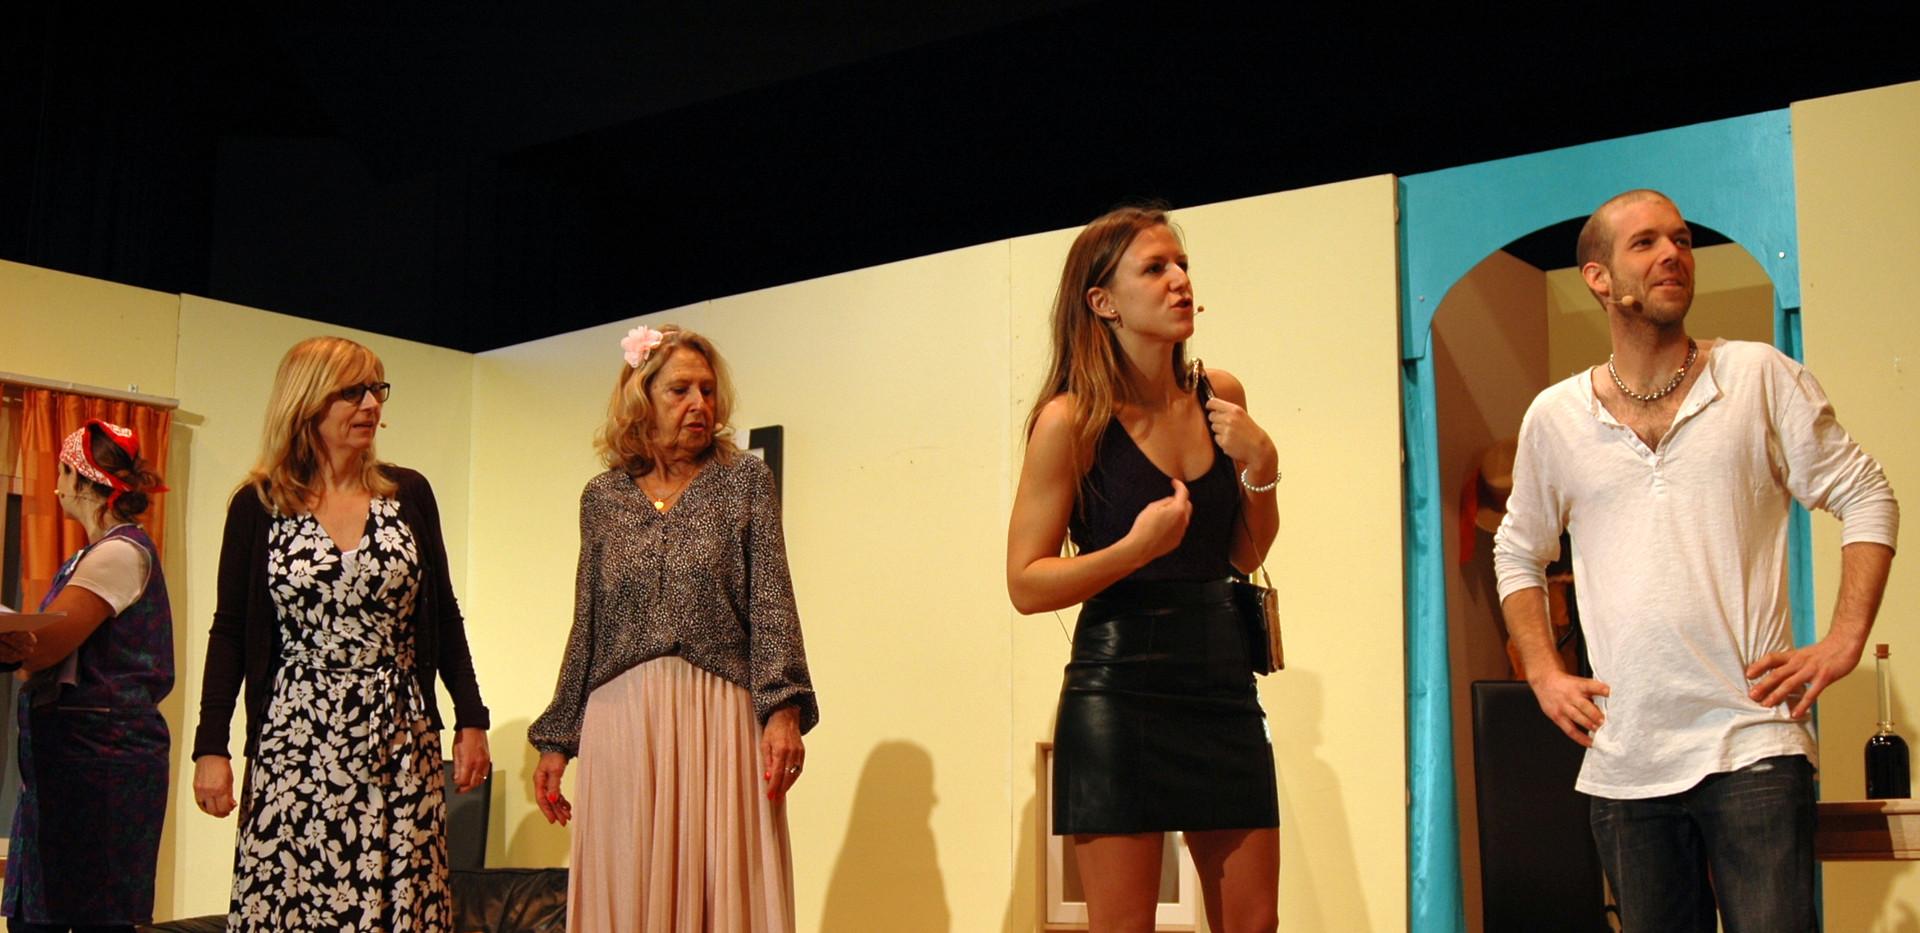 Theaterbilder2018 (23).JPG